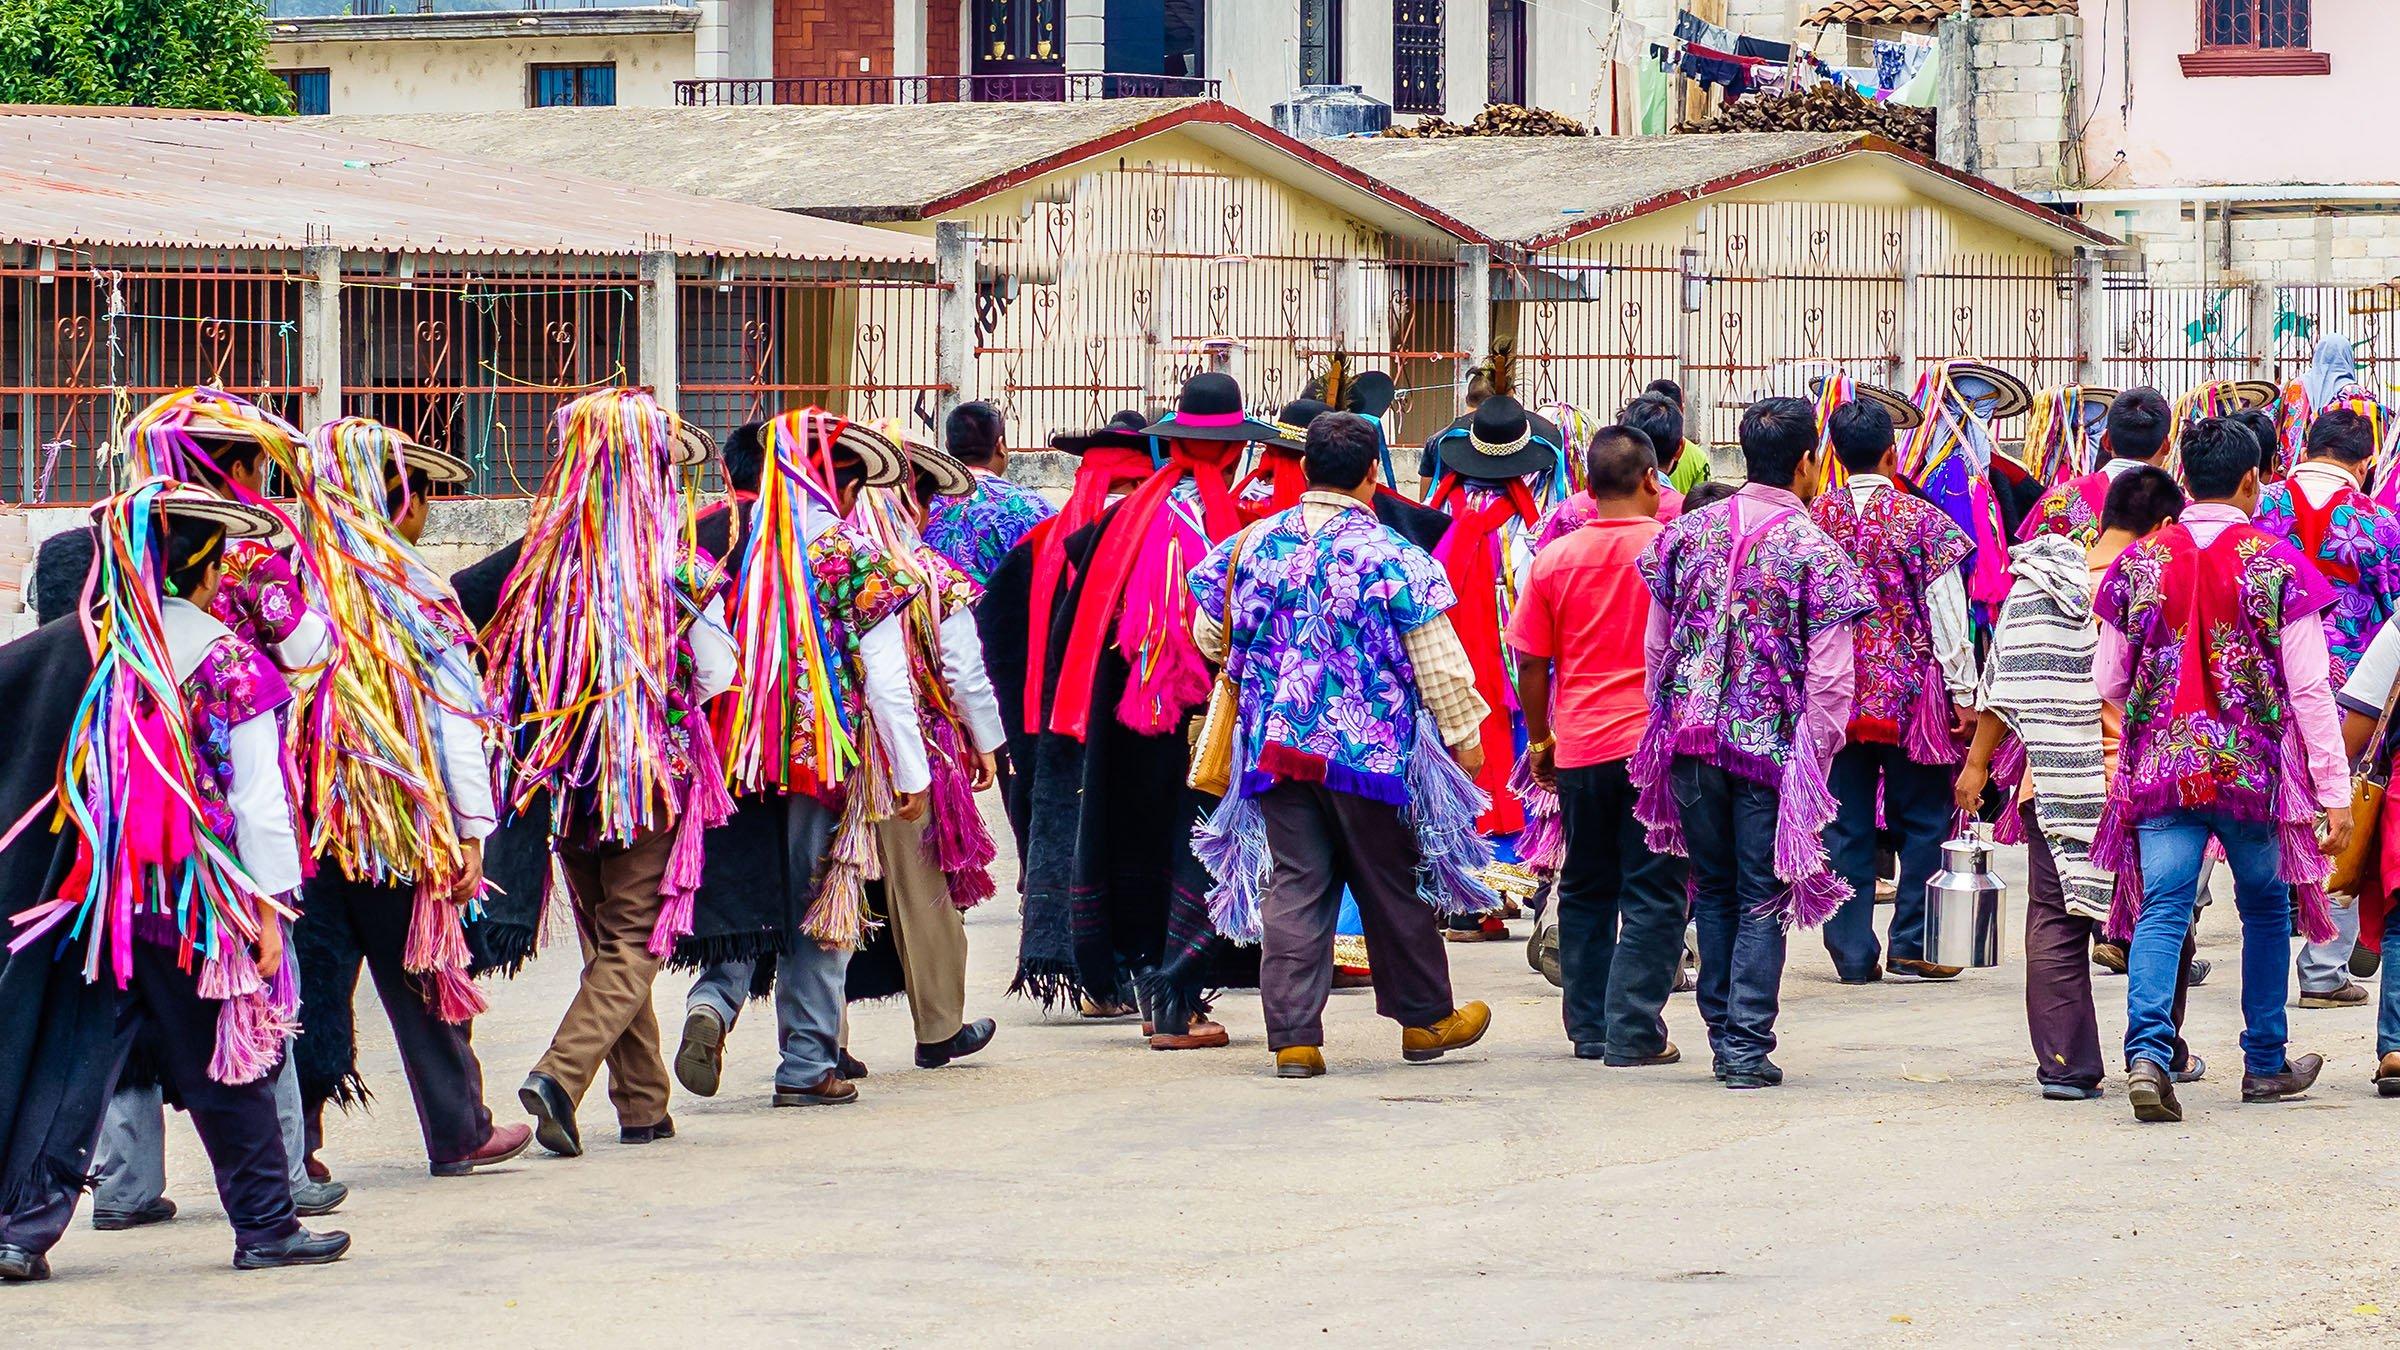 55372ae574 El colorido de los trajes típicos de Chiapas